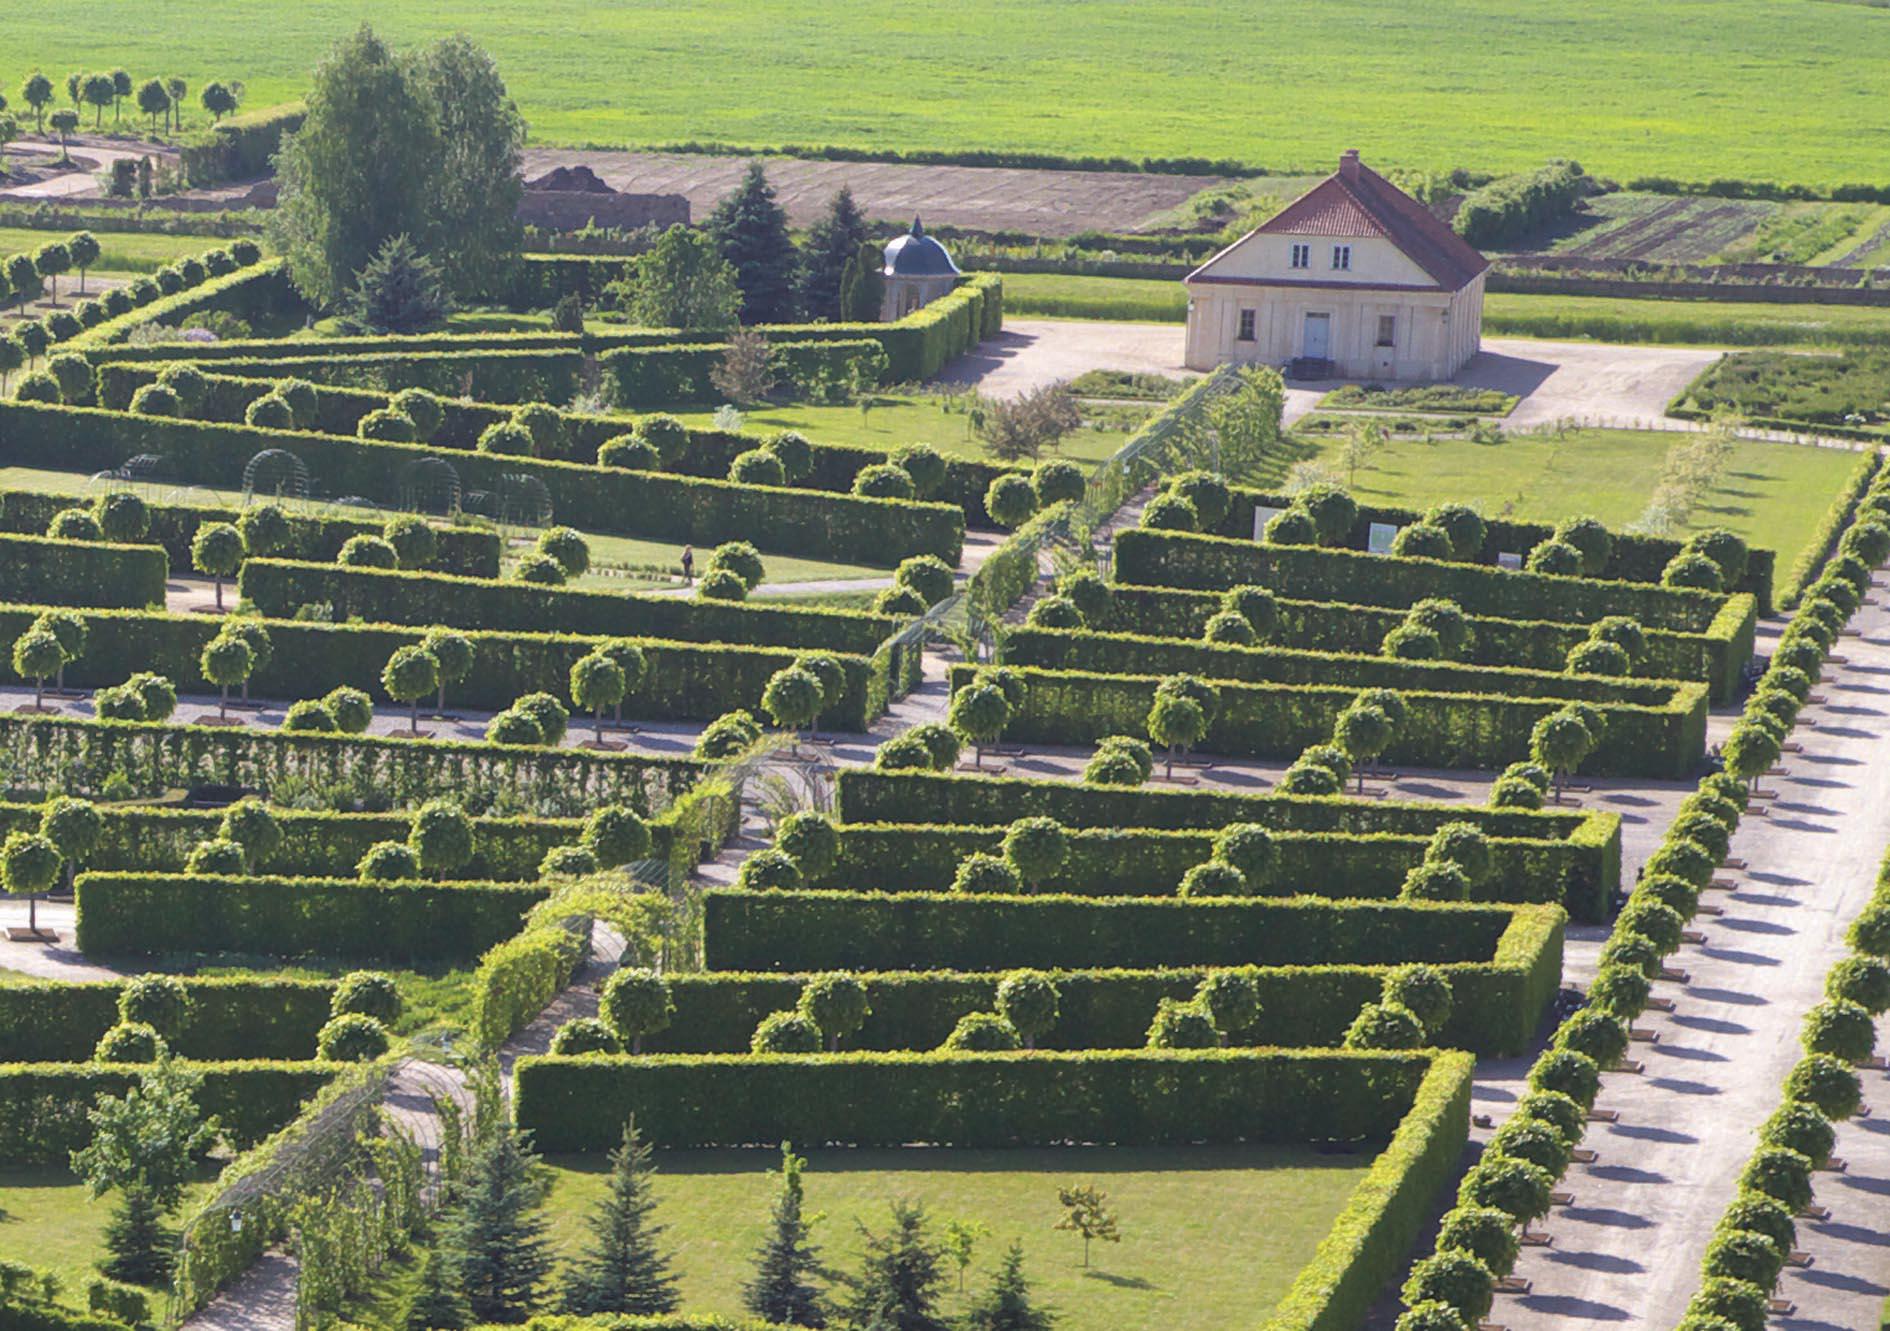 7 palacios barrocos con jard n que har n que quieras vivir for Jardines barrocos